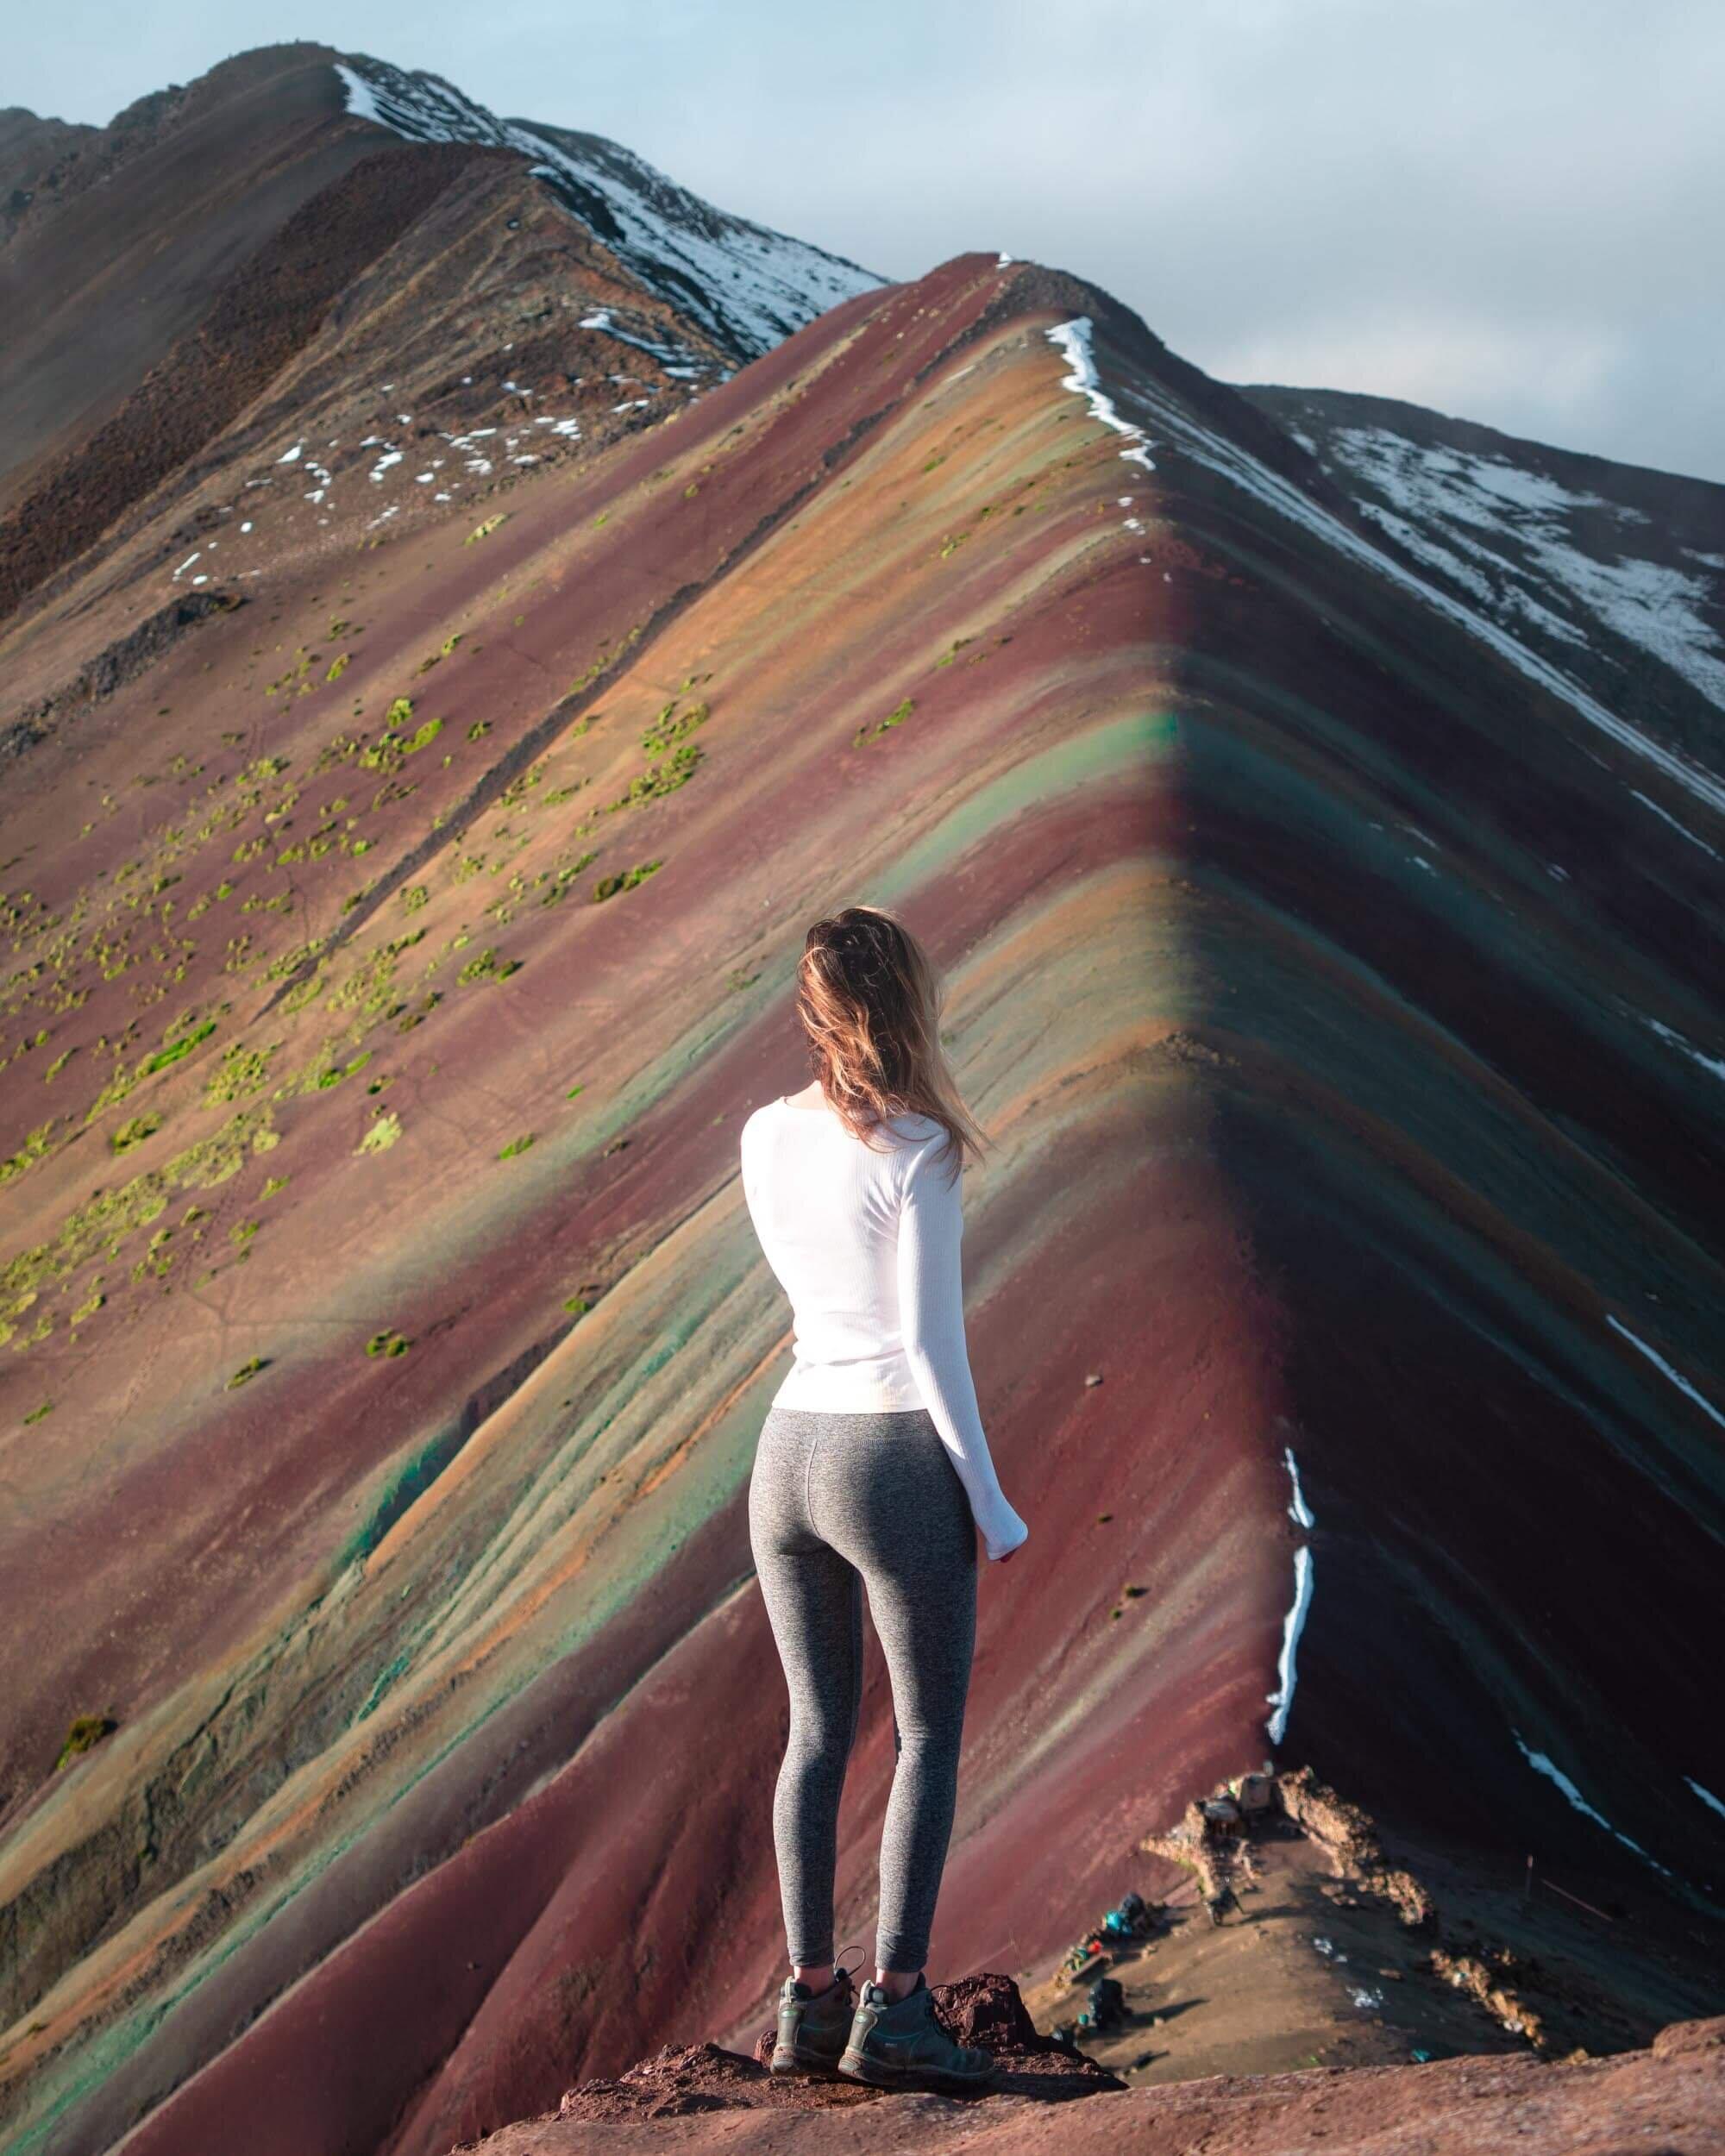 Jess Wandering at Rainbow Mountain, Peru.